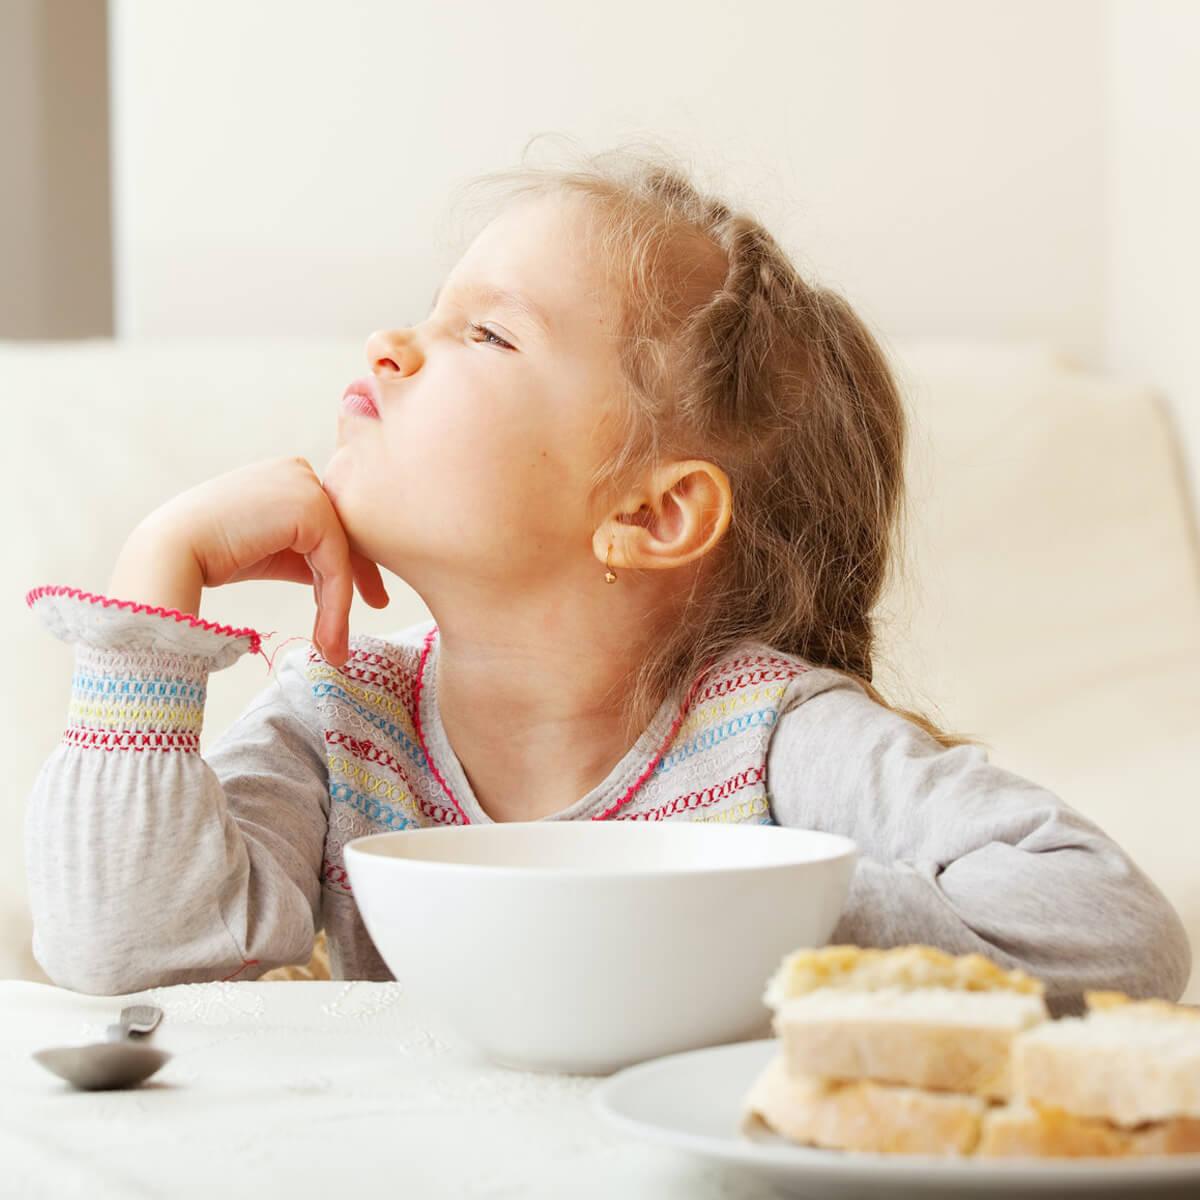 عوامل بی اشتهایی و کاهش اشتها در کودکان